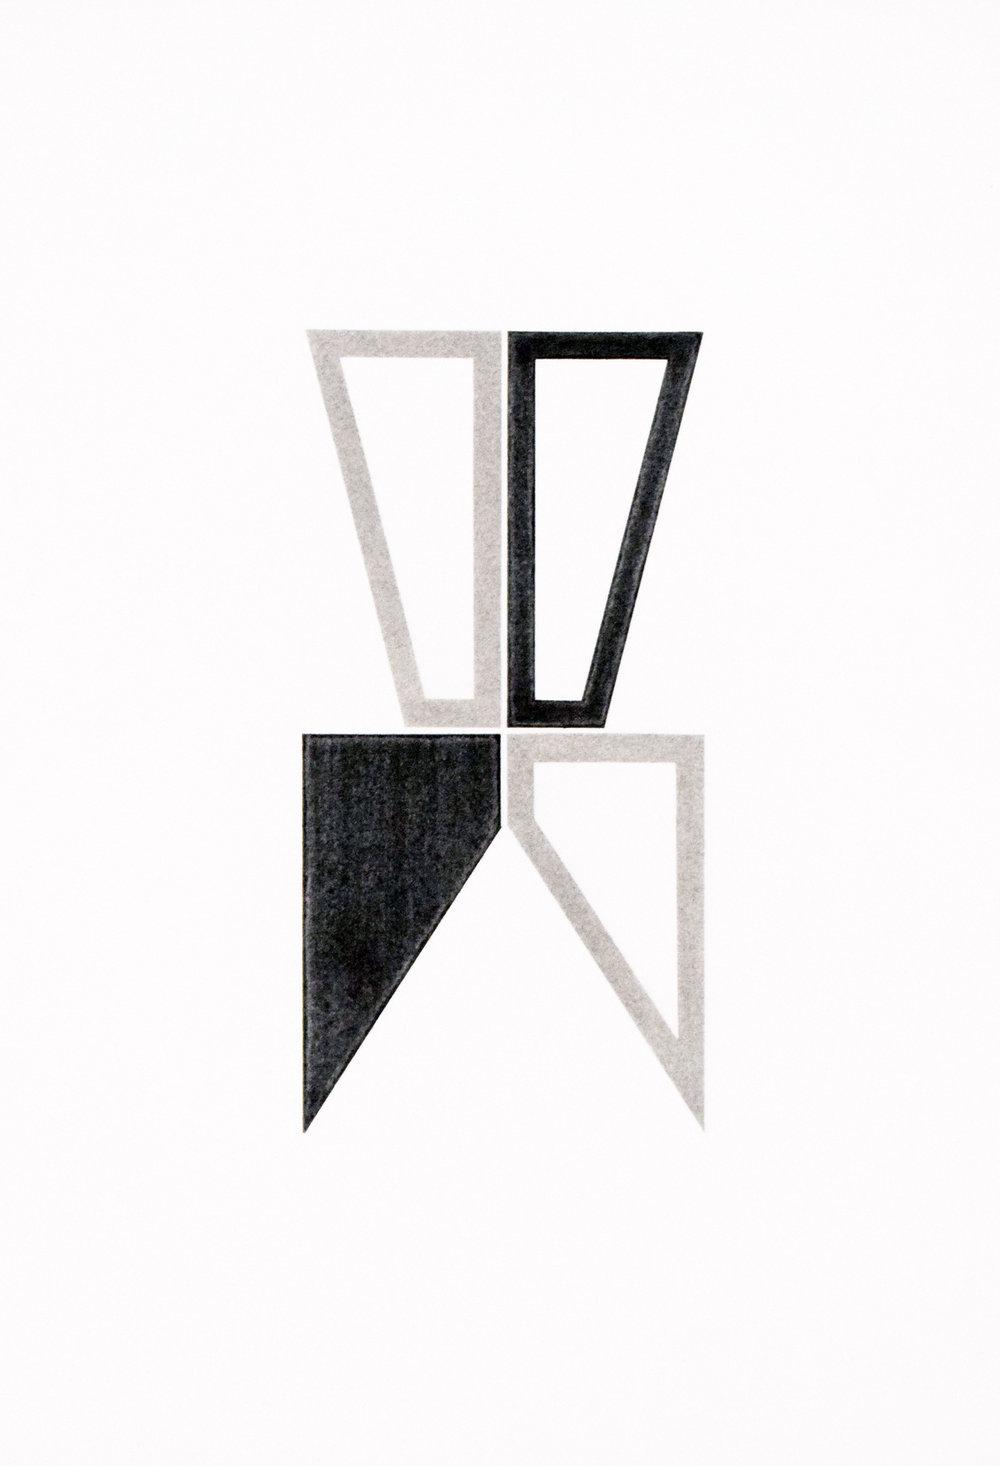 _5_sam-still 17.035 14.5x10.75 ink+kosuth_ash+lewitt_ash on arches 300lb hot press paper 1400framed 1200unframed.jpg